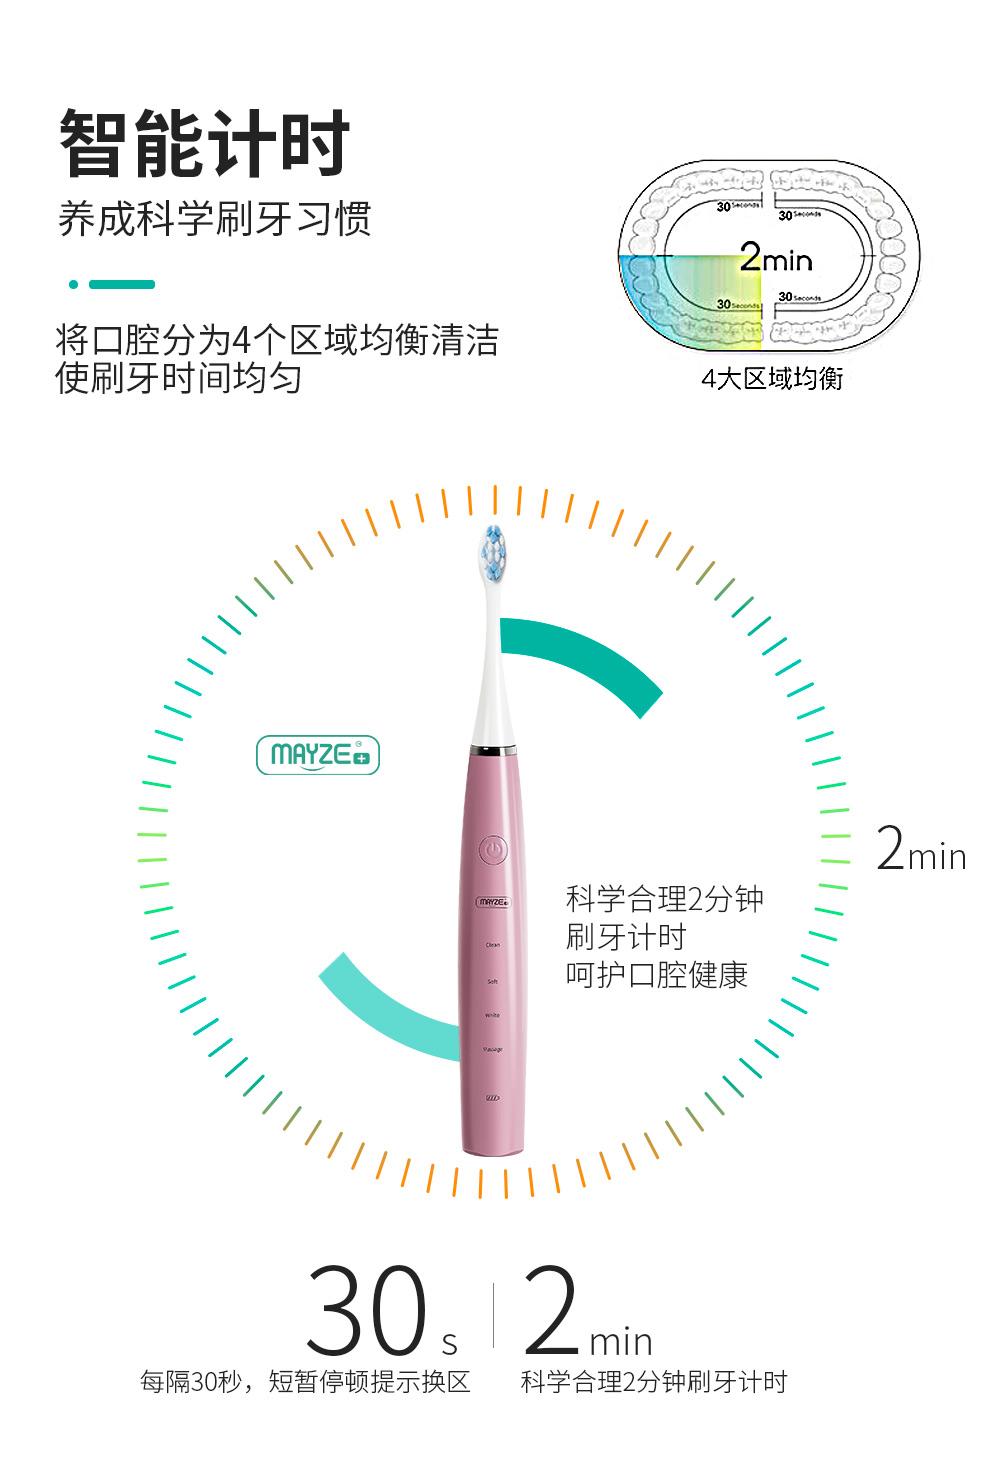 麦喆MAYZE EB001智能声波电动牙刷套装含6个刷头(图9)